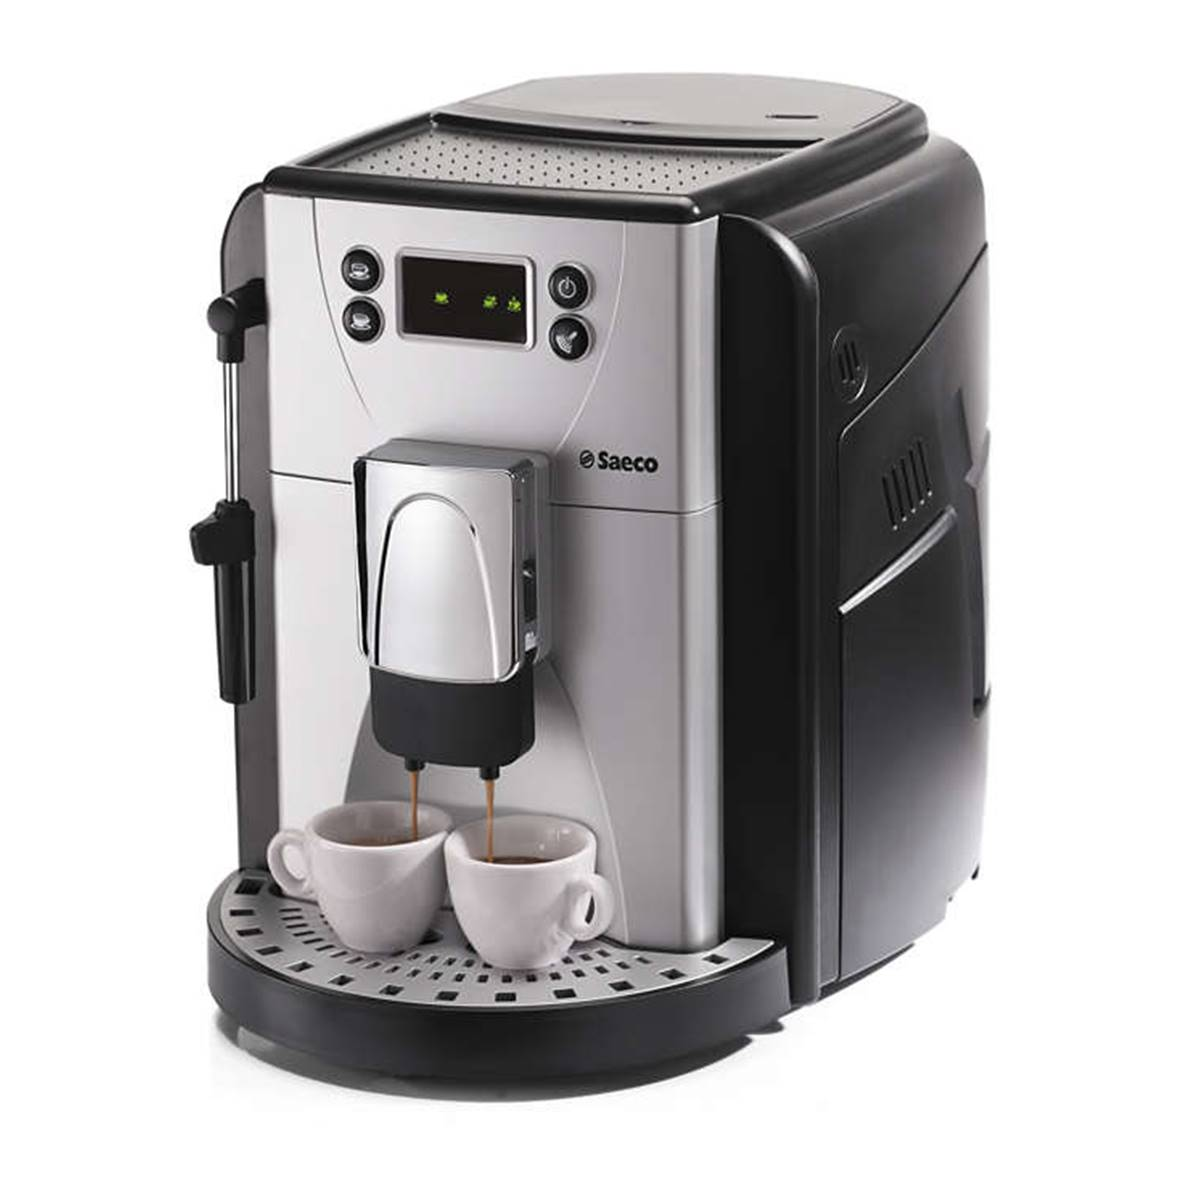 เครื่องชงกาแฟอัตโนมัติ Gaggia รุ่น Unica